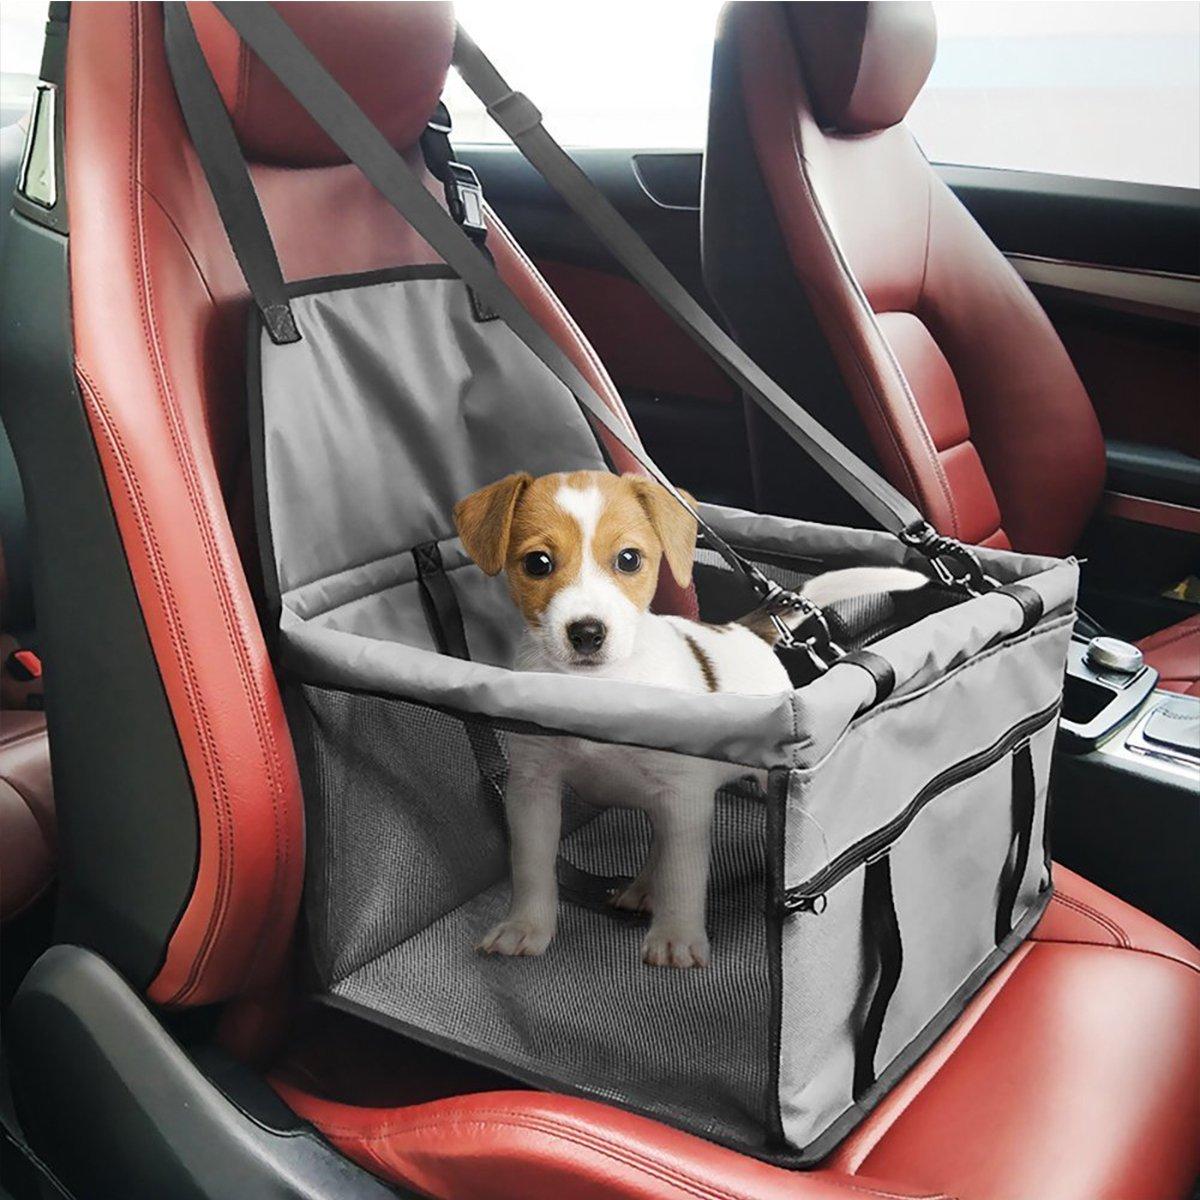 PETCUTE Autositz f/ür Hunde Faltbar Hundedecke Auto hundesitz Autoschondecke f/ür Hunde Autositz F/ür Haustier